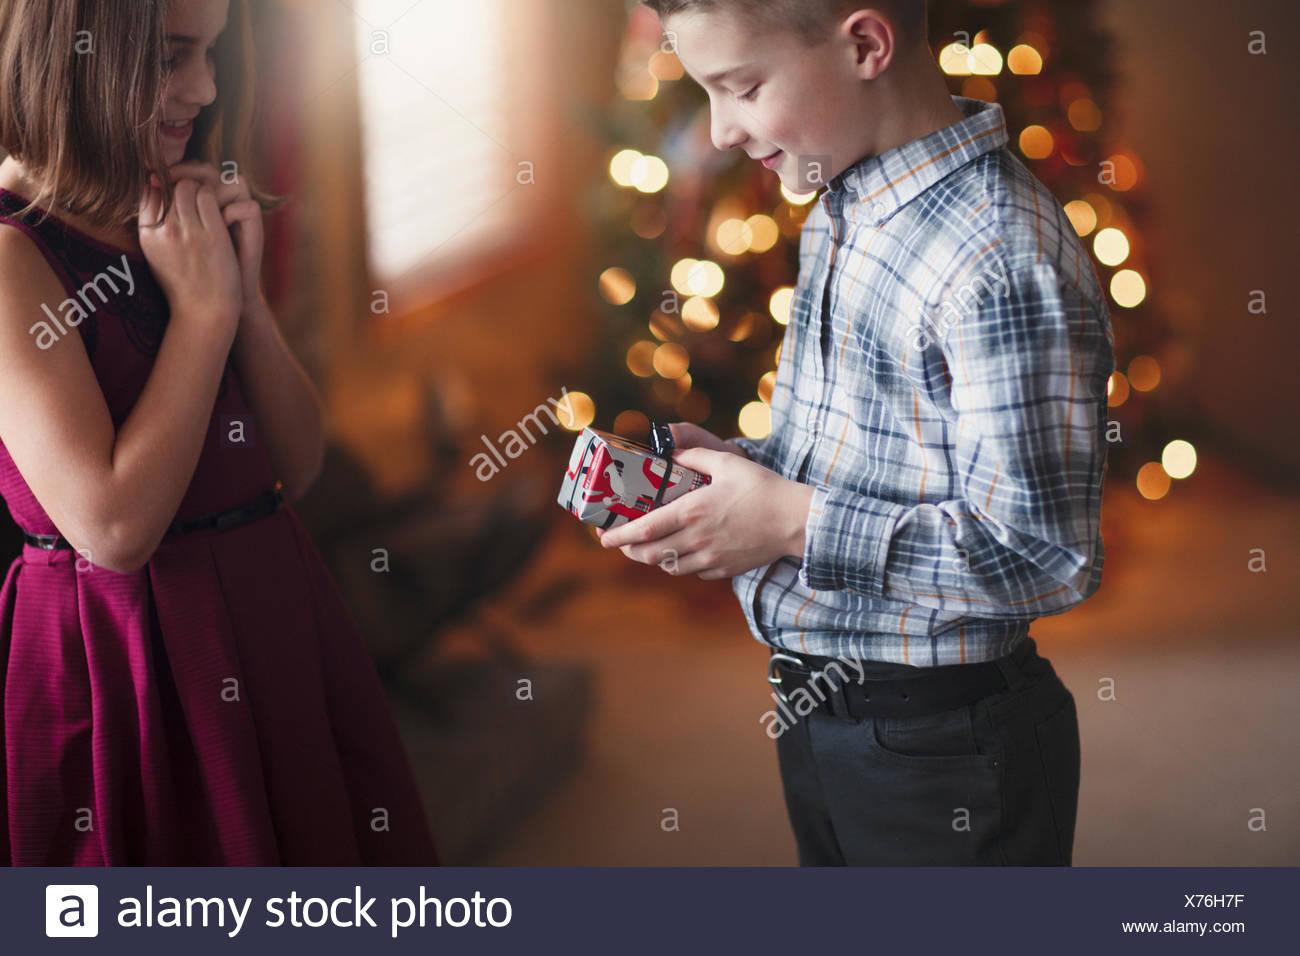 Regali Di Natale Fratello.Fratello E Sorella E Lo Scambio Di Regali Di Natale Foto Immagine